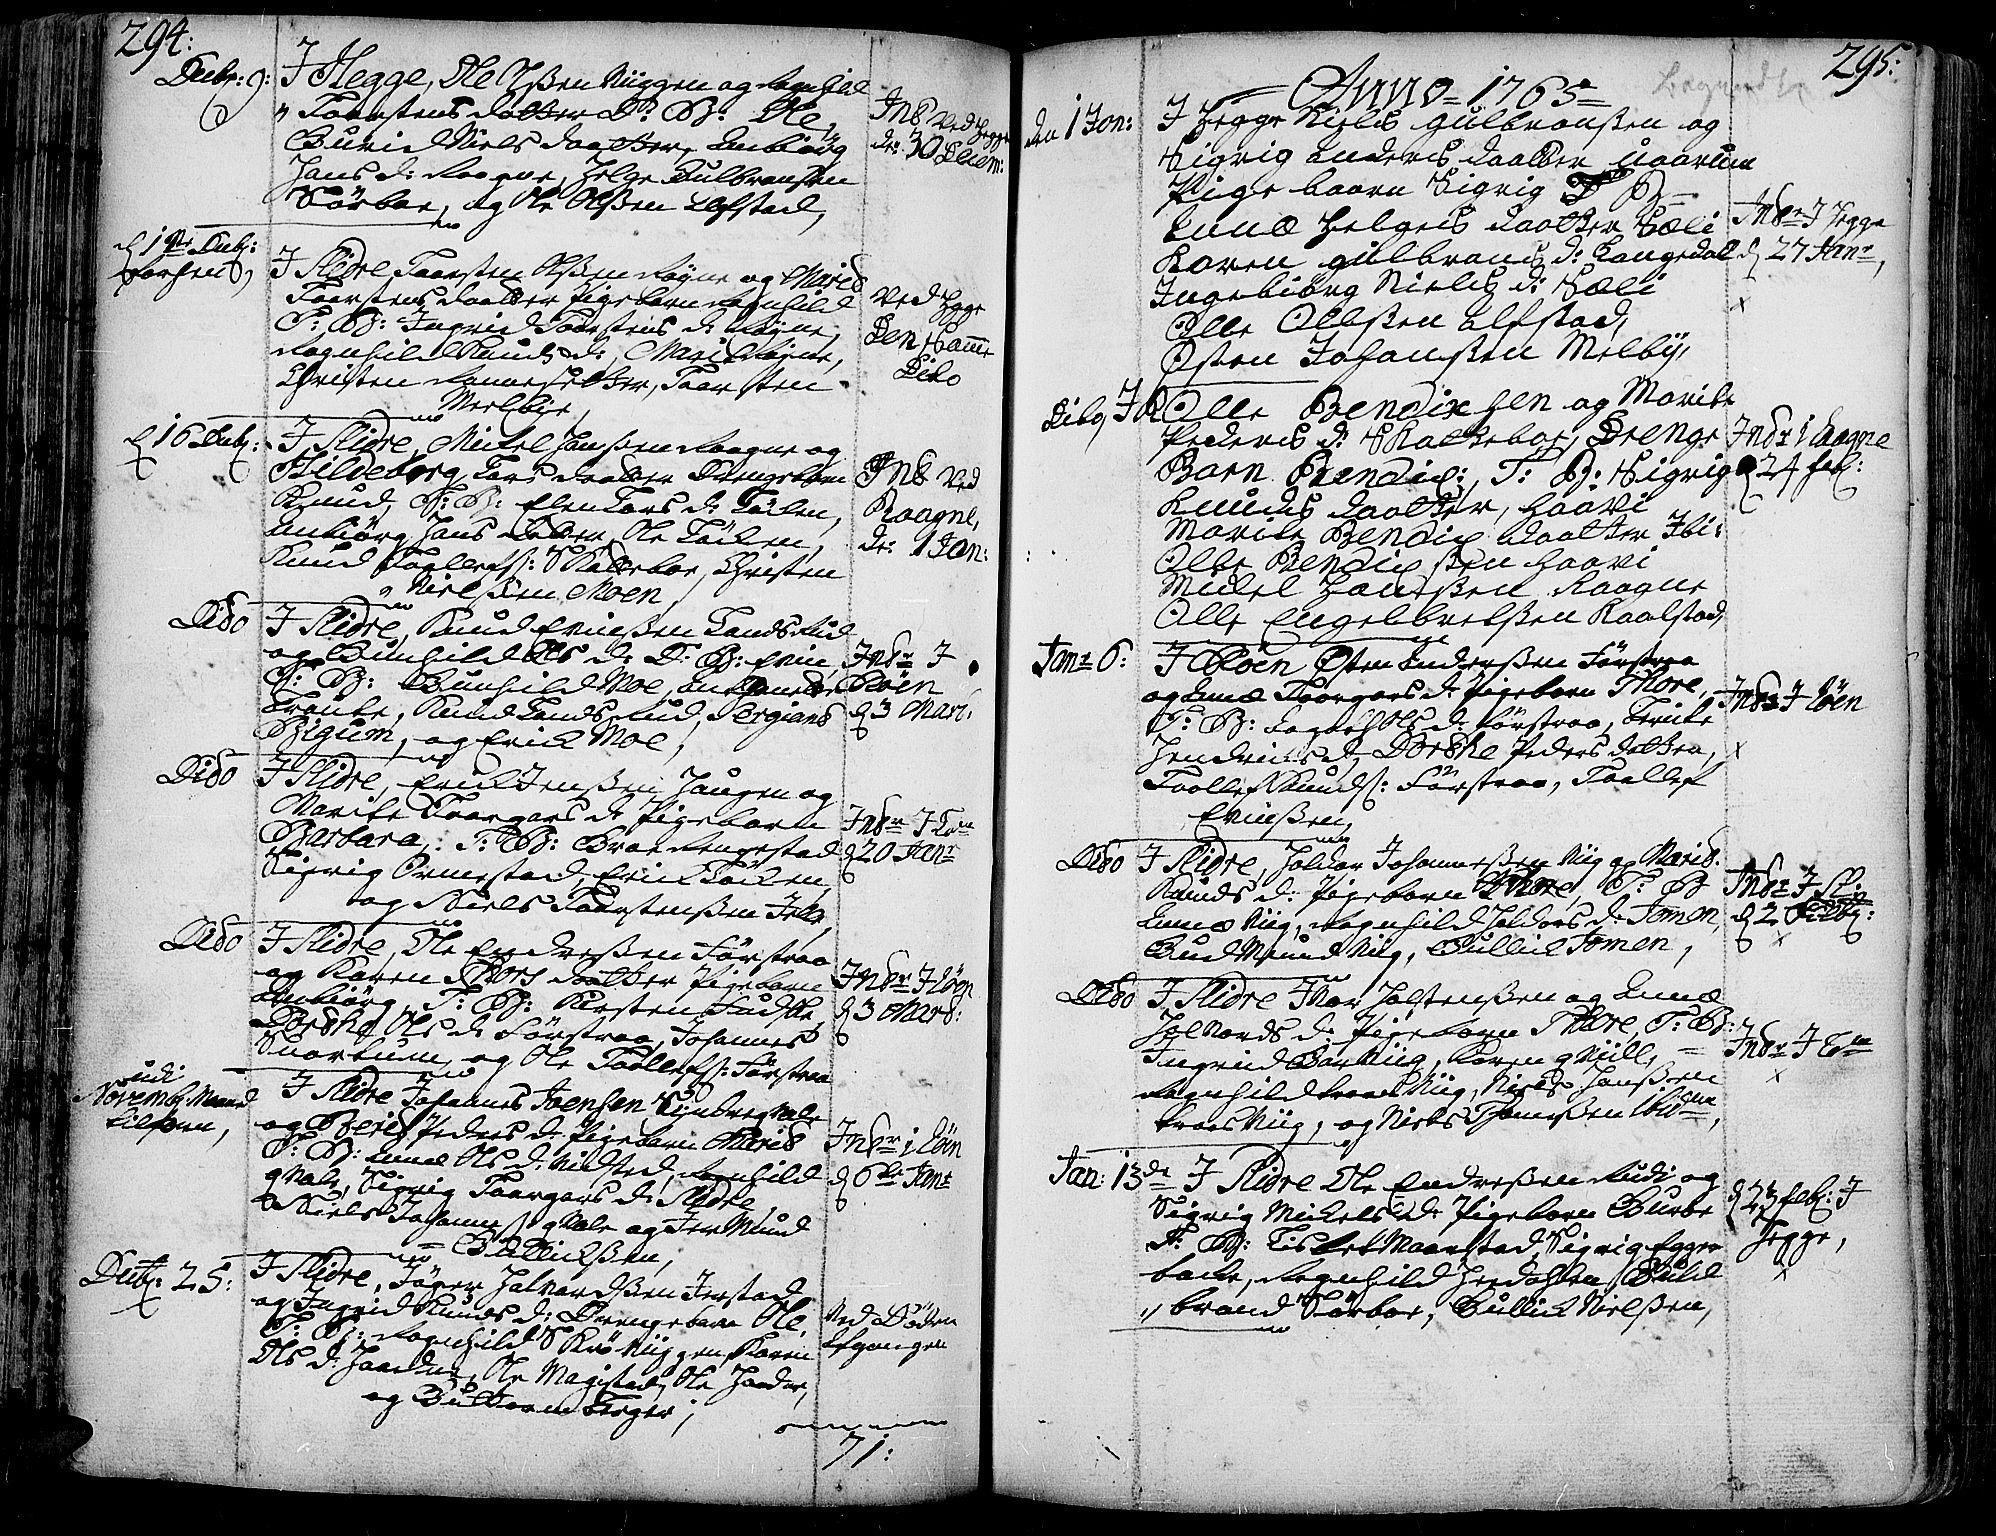 SAH, Slidre prestekontor, Ministerialbok nr. 1, 1724-1814, s. 294-295